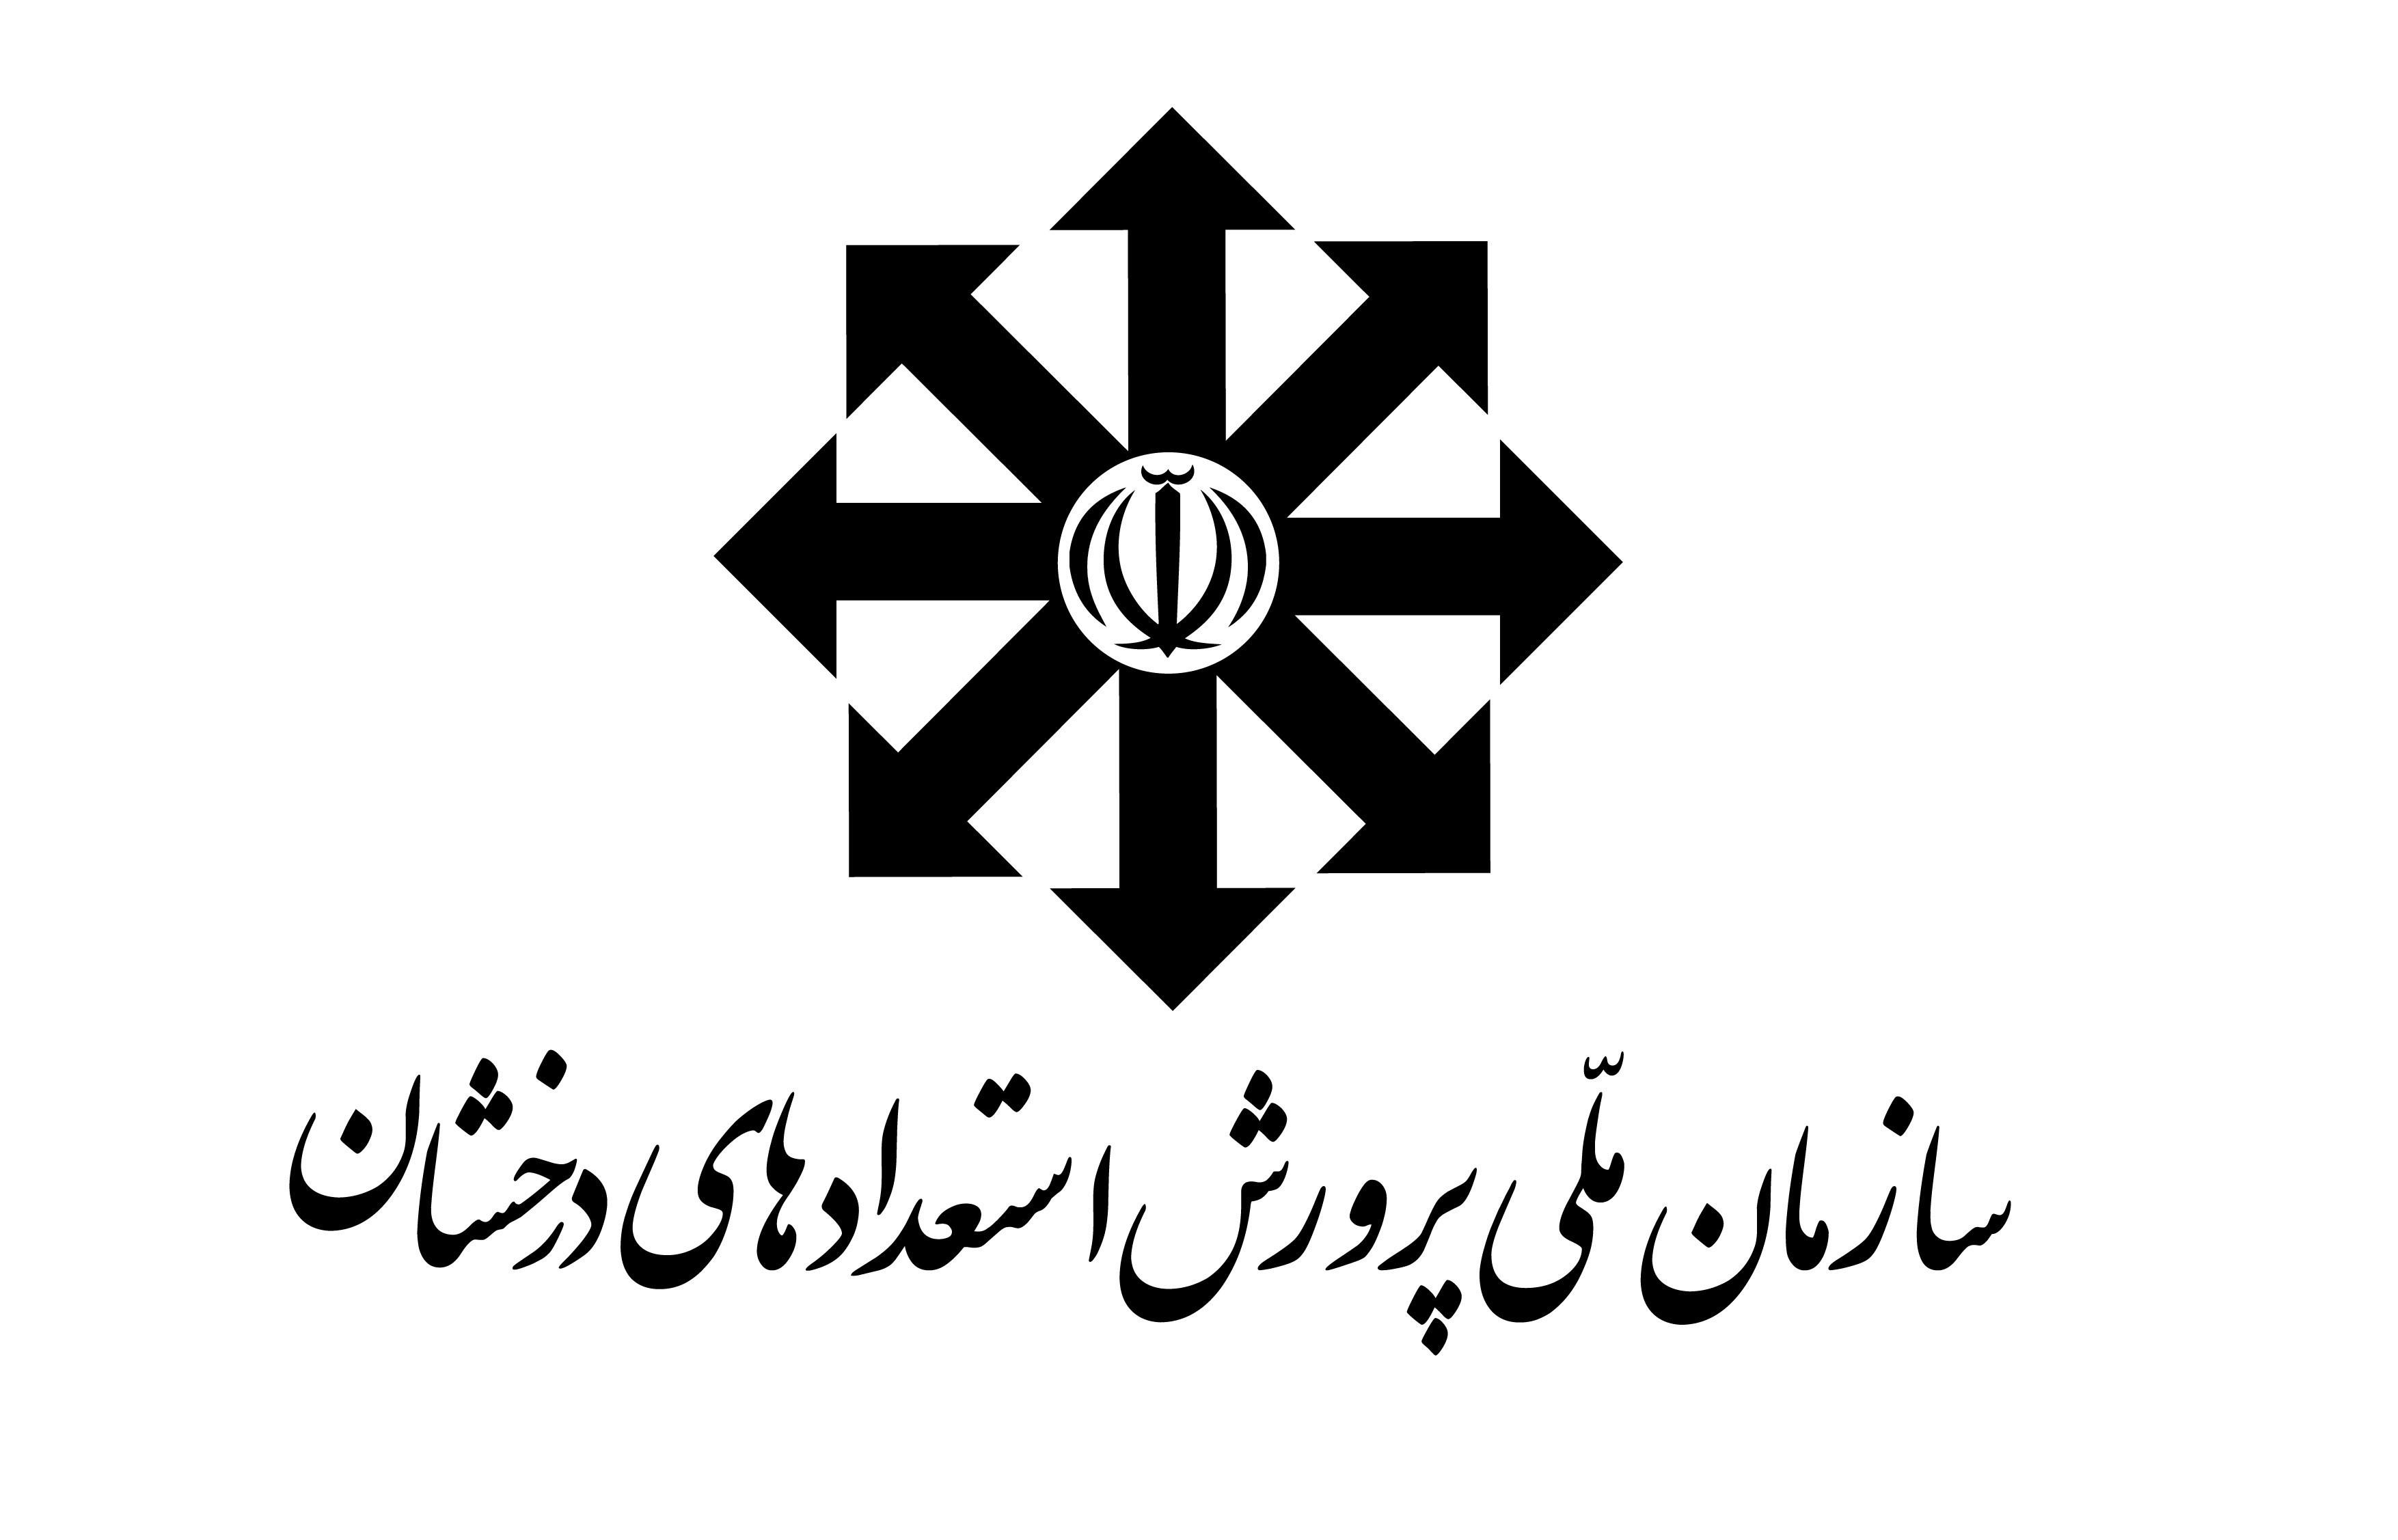 تشکر فارغالتحصیلان مدارس سمپاد از شورای عالی انقلاب فرهنگی